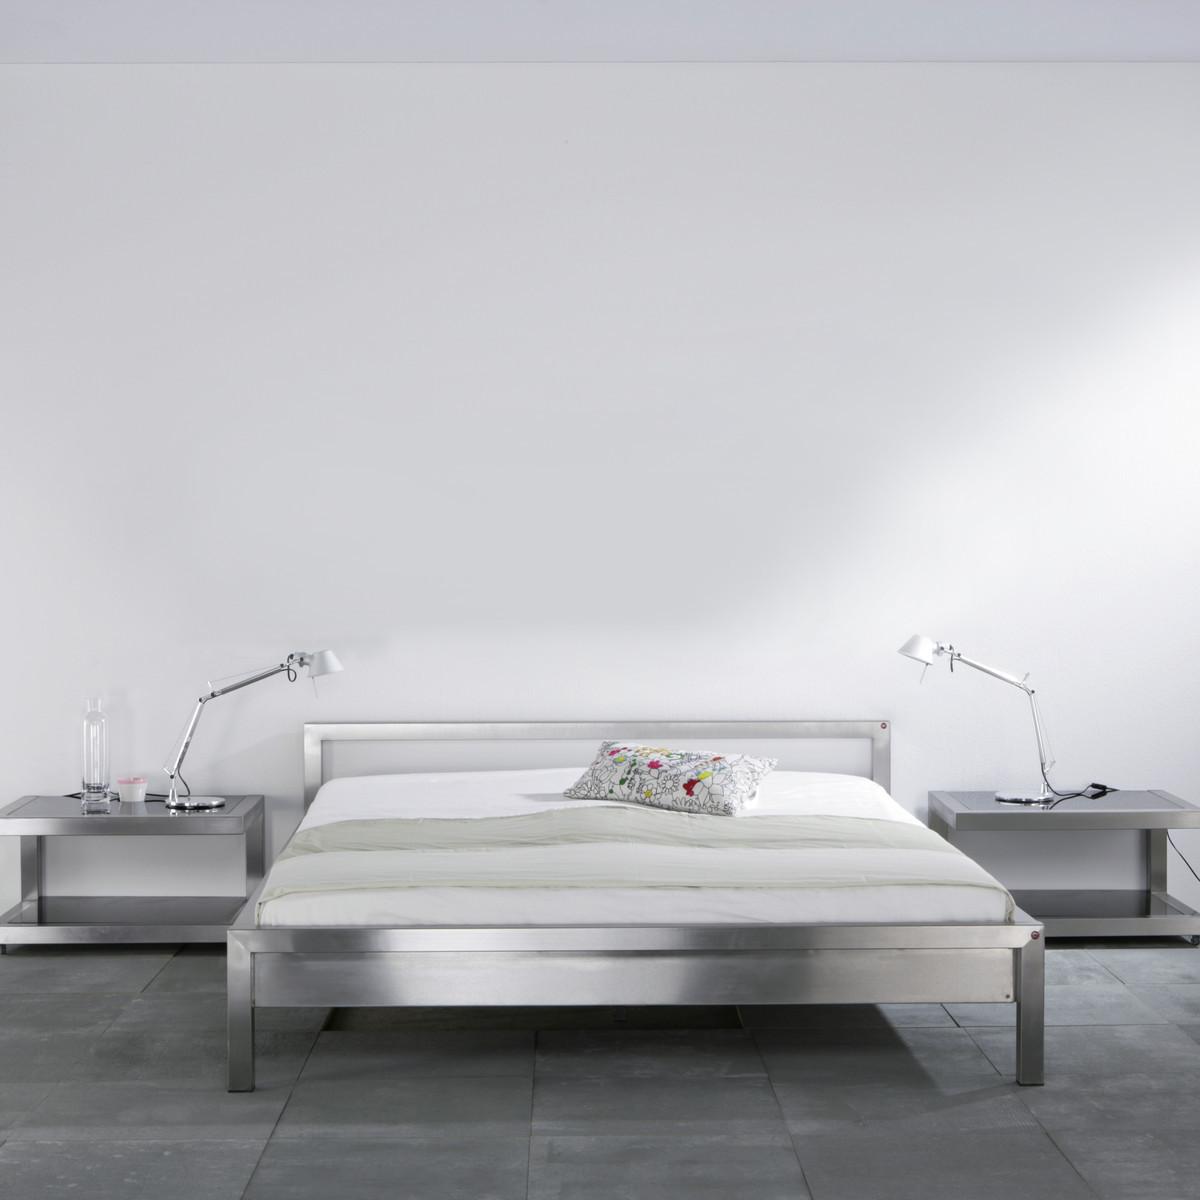 Home+Collection+steelware+design+andreas+Henschel+(11)